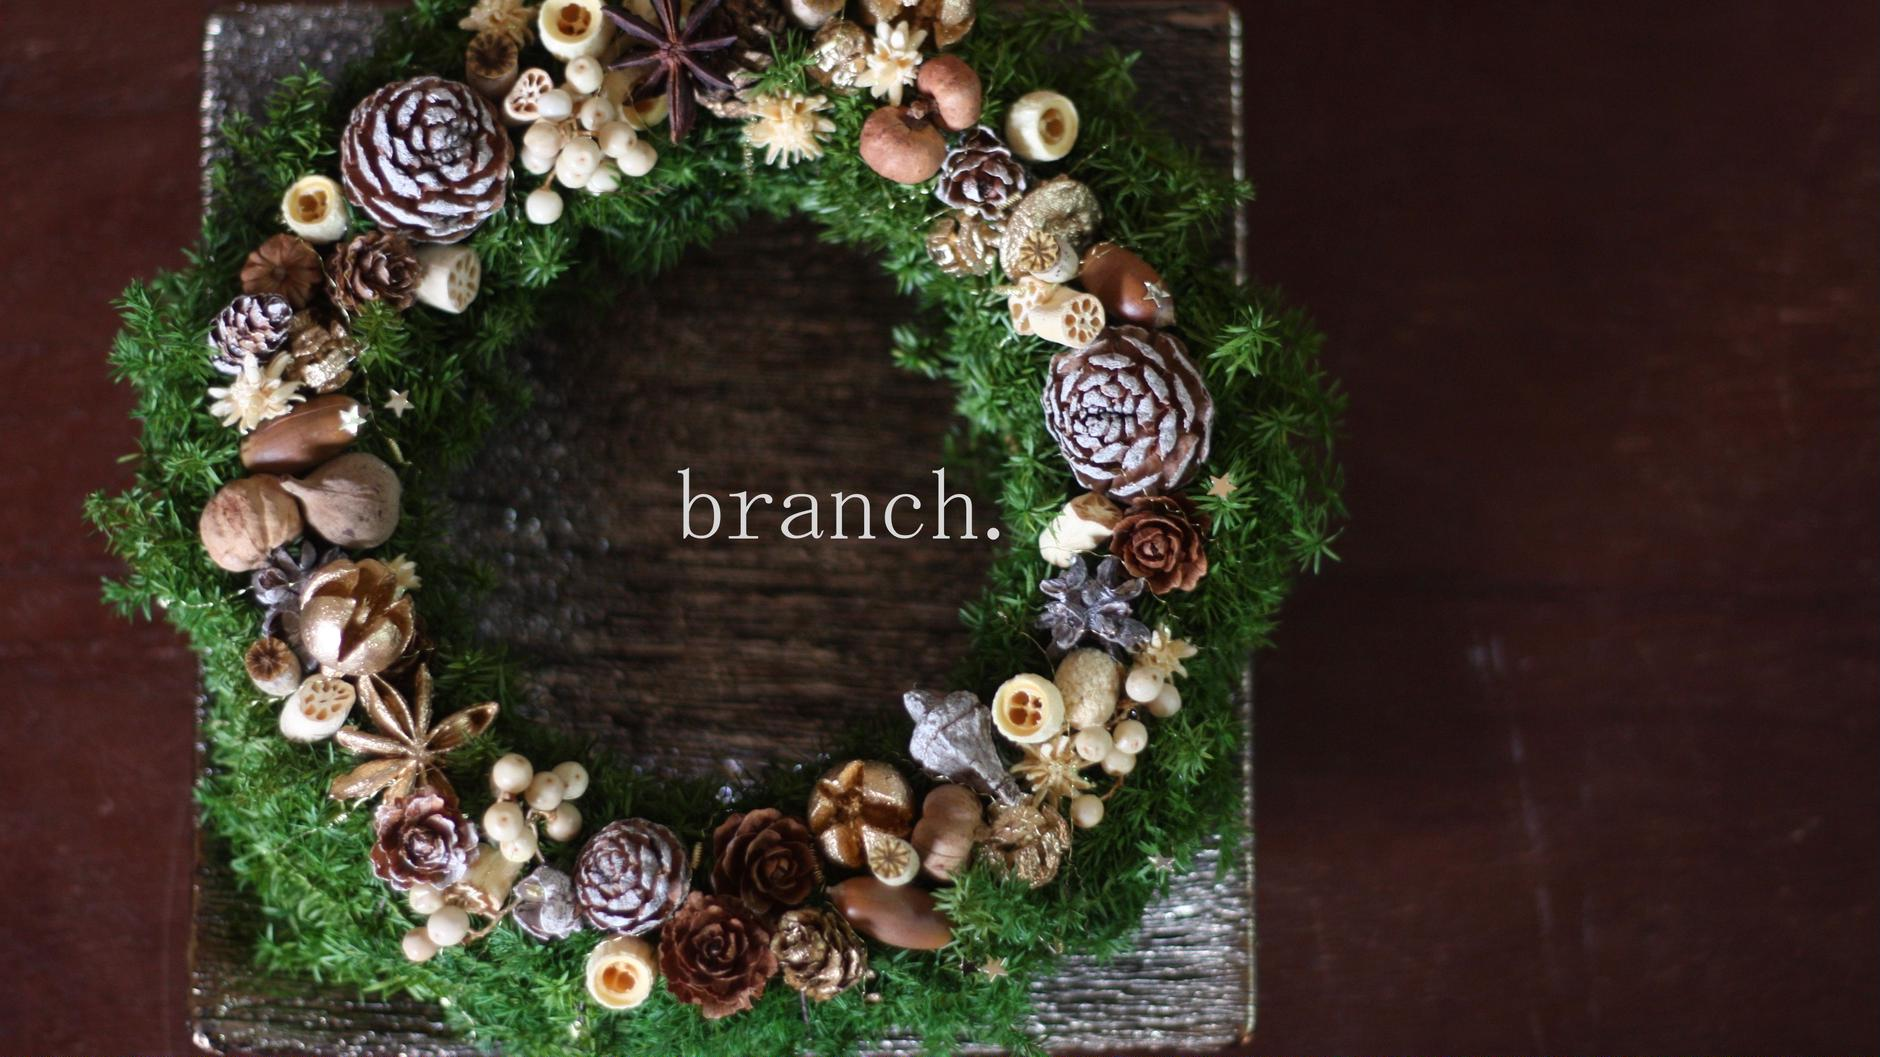 branch.